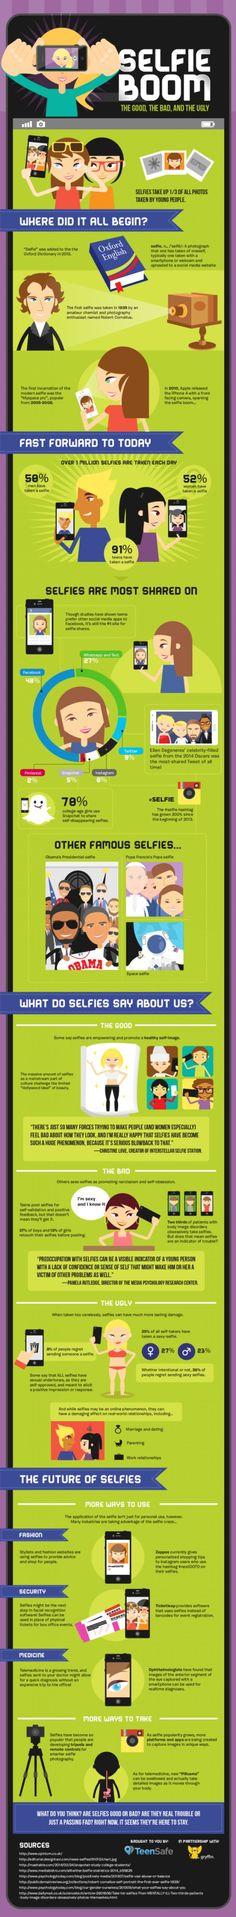 Lo bueno, lo malo y lo feo del #Selfie  #infografia